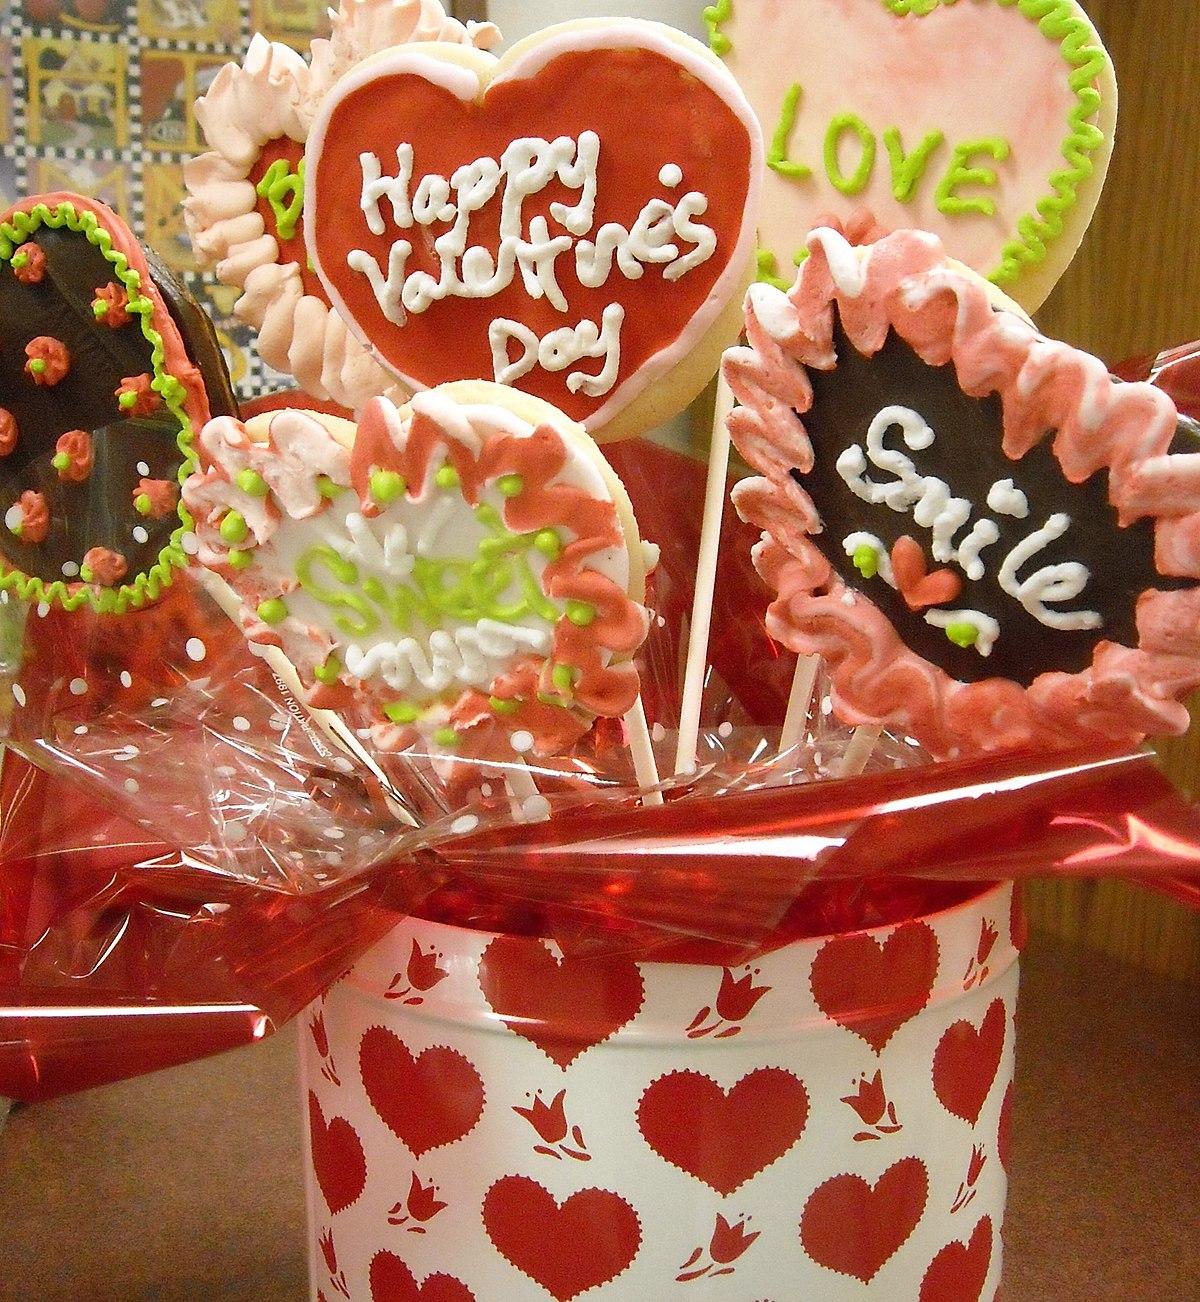 Chọn hoa đẹp để gửi lời chúc Valentine thêm ngọt ngào ý nghĩa